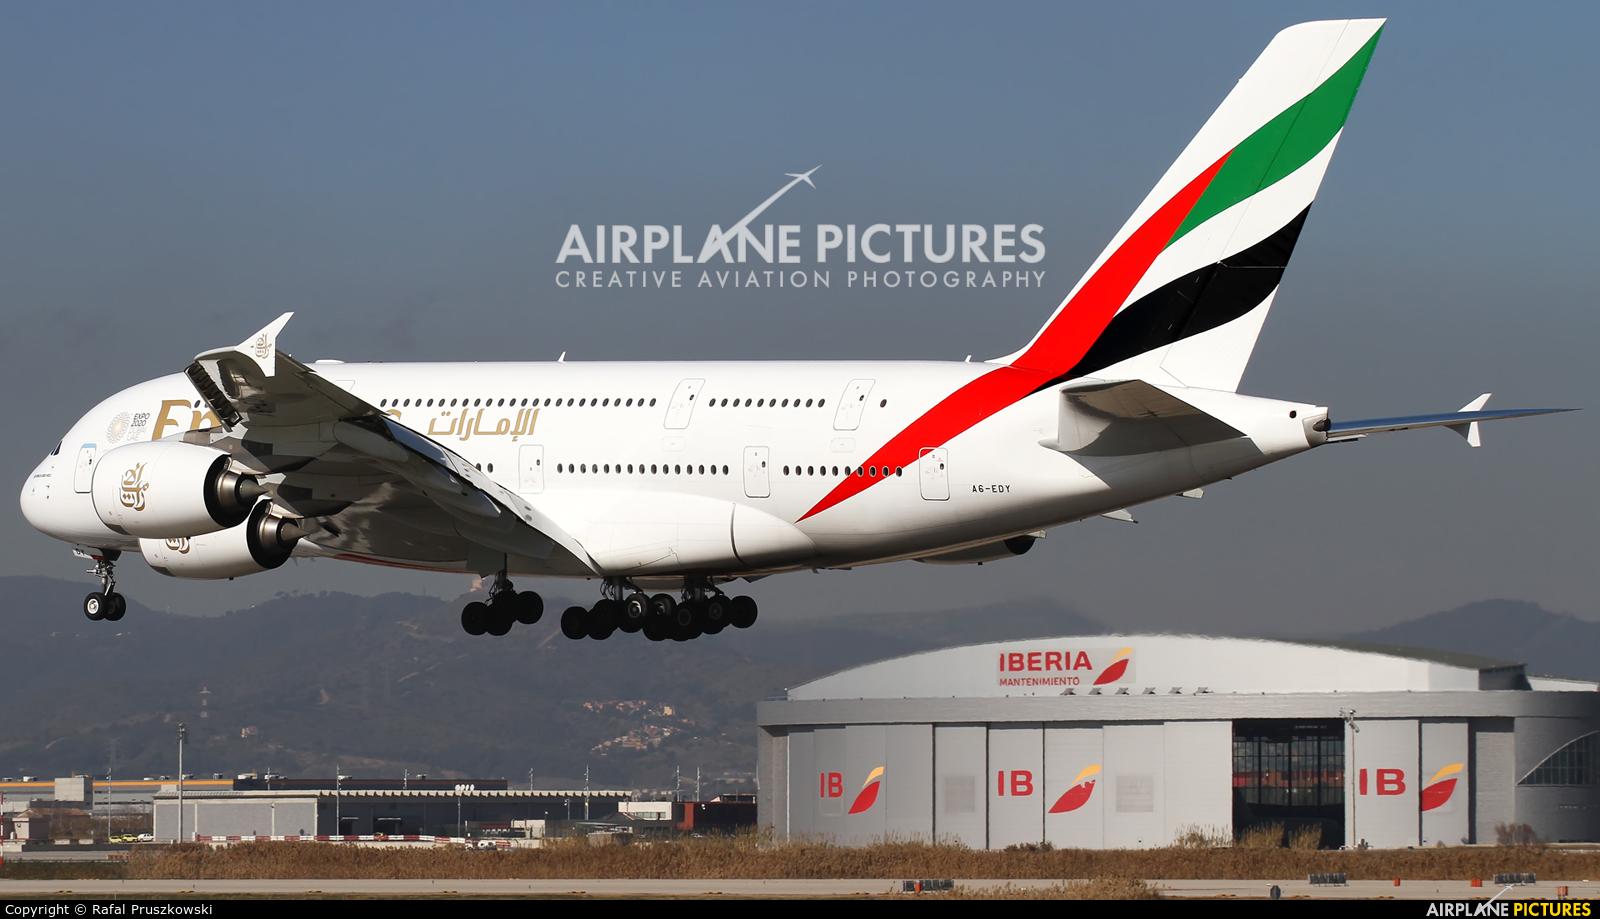 Emirates Airlines A6-EDY aircraft at Barcelona - El Prat